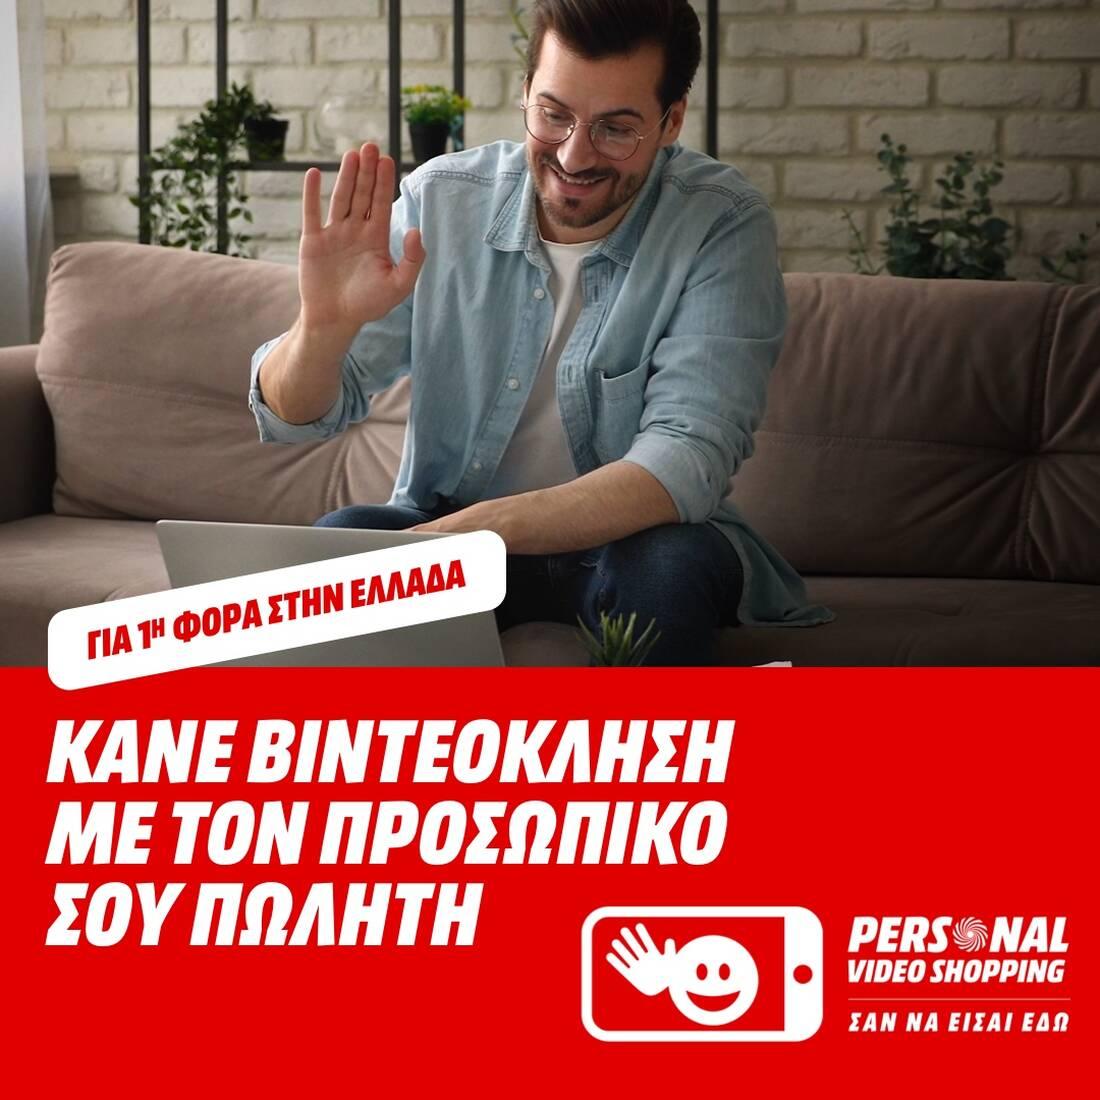 """Νέα, πρωτοποριακή υπηρεσία """"Personal Video Shopping"""" από τη MediaMarkt"""